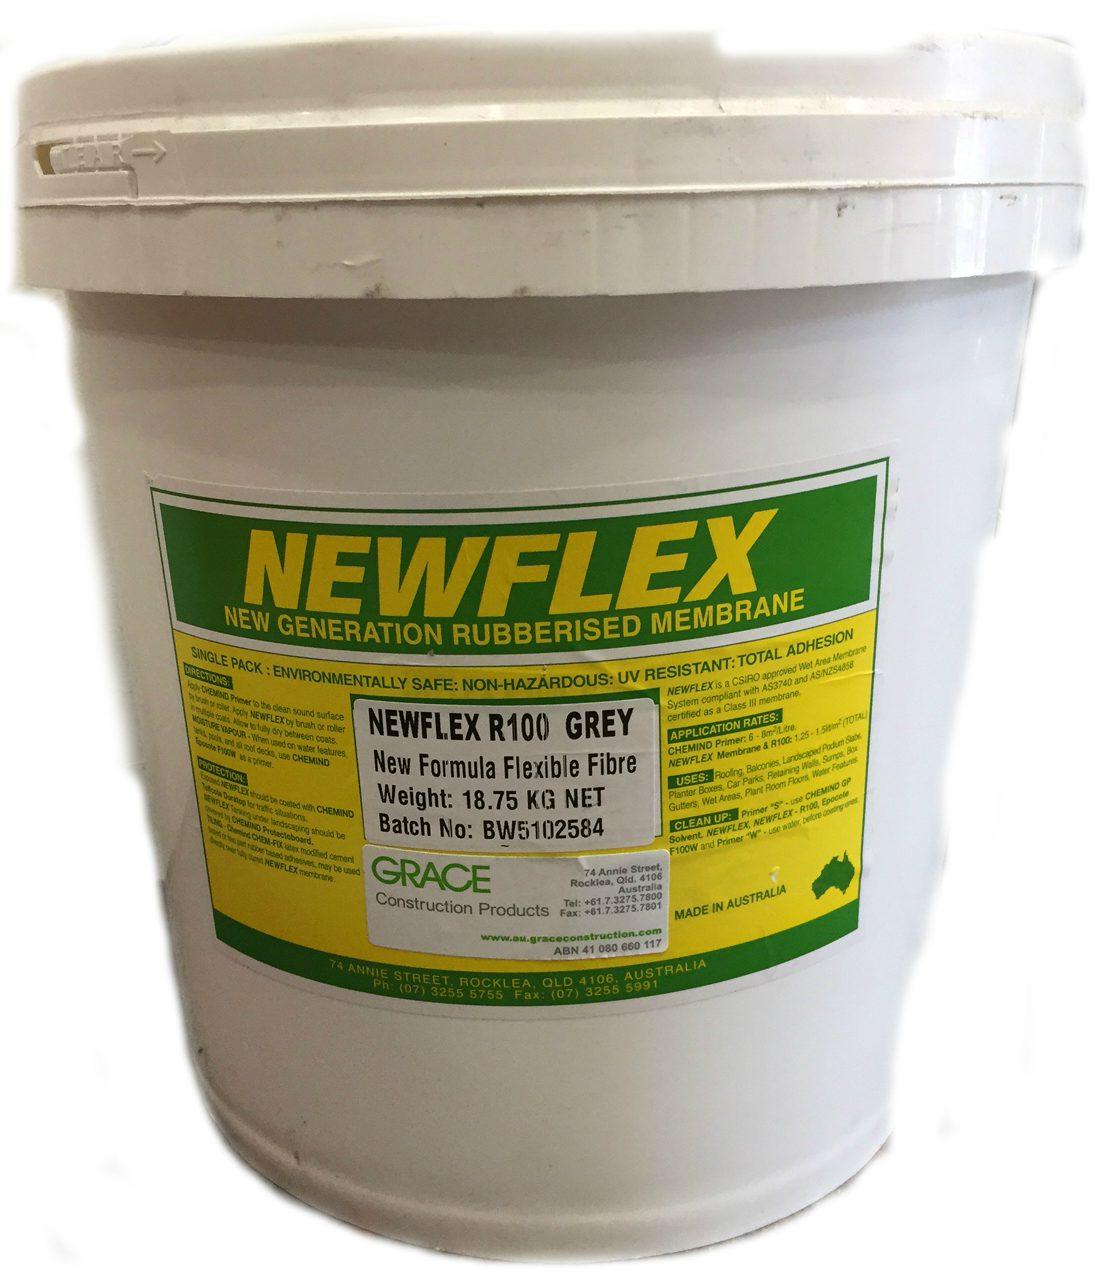 Newflex R-100